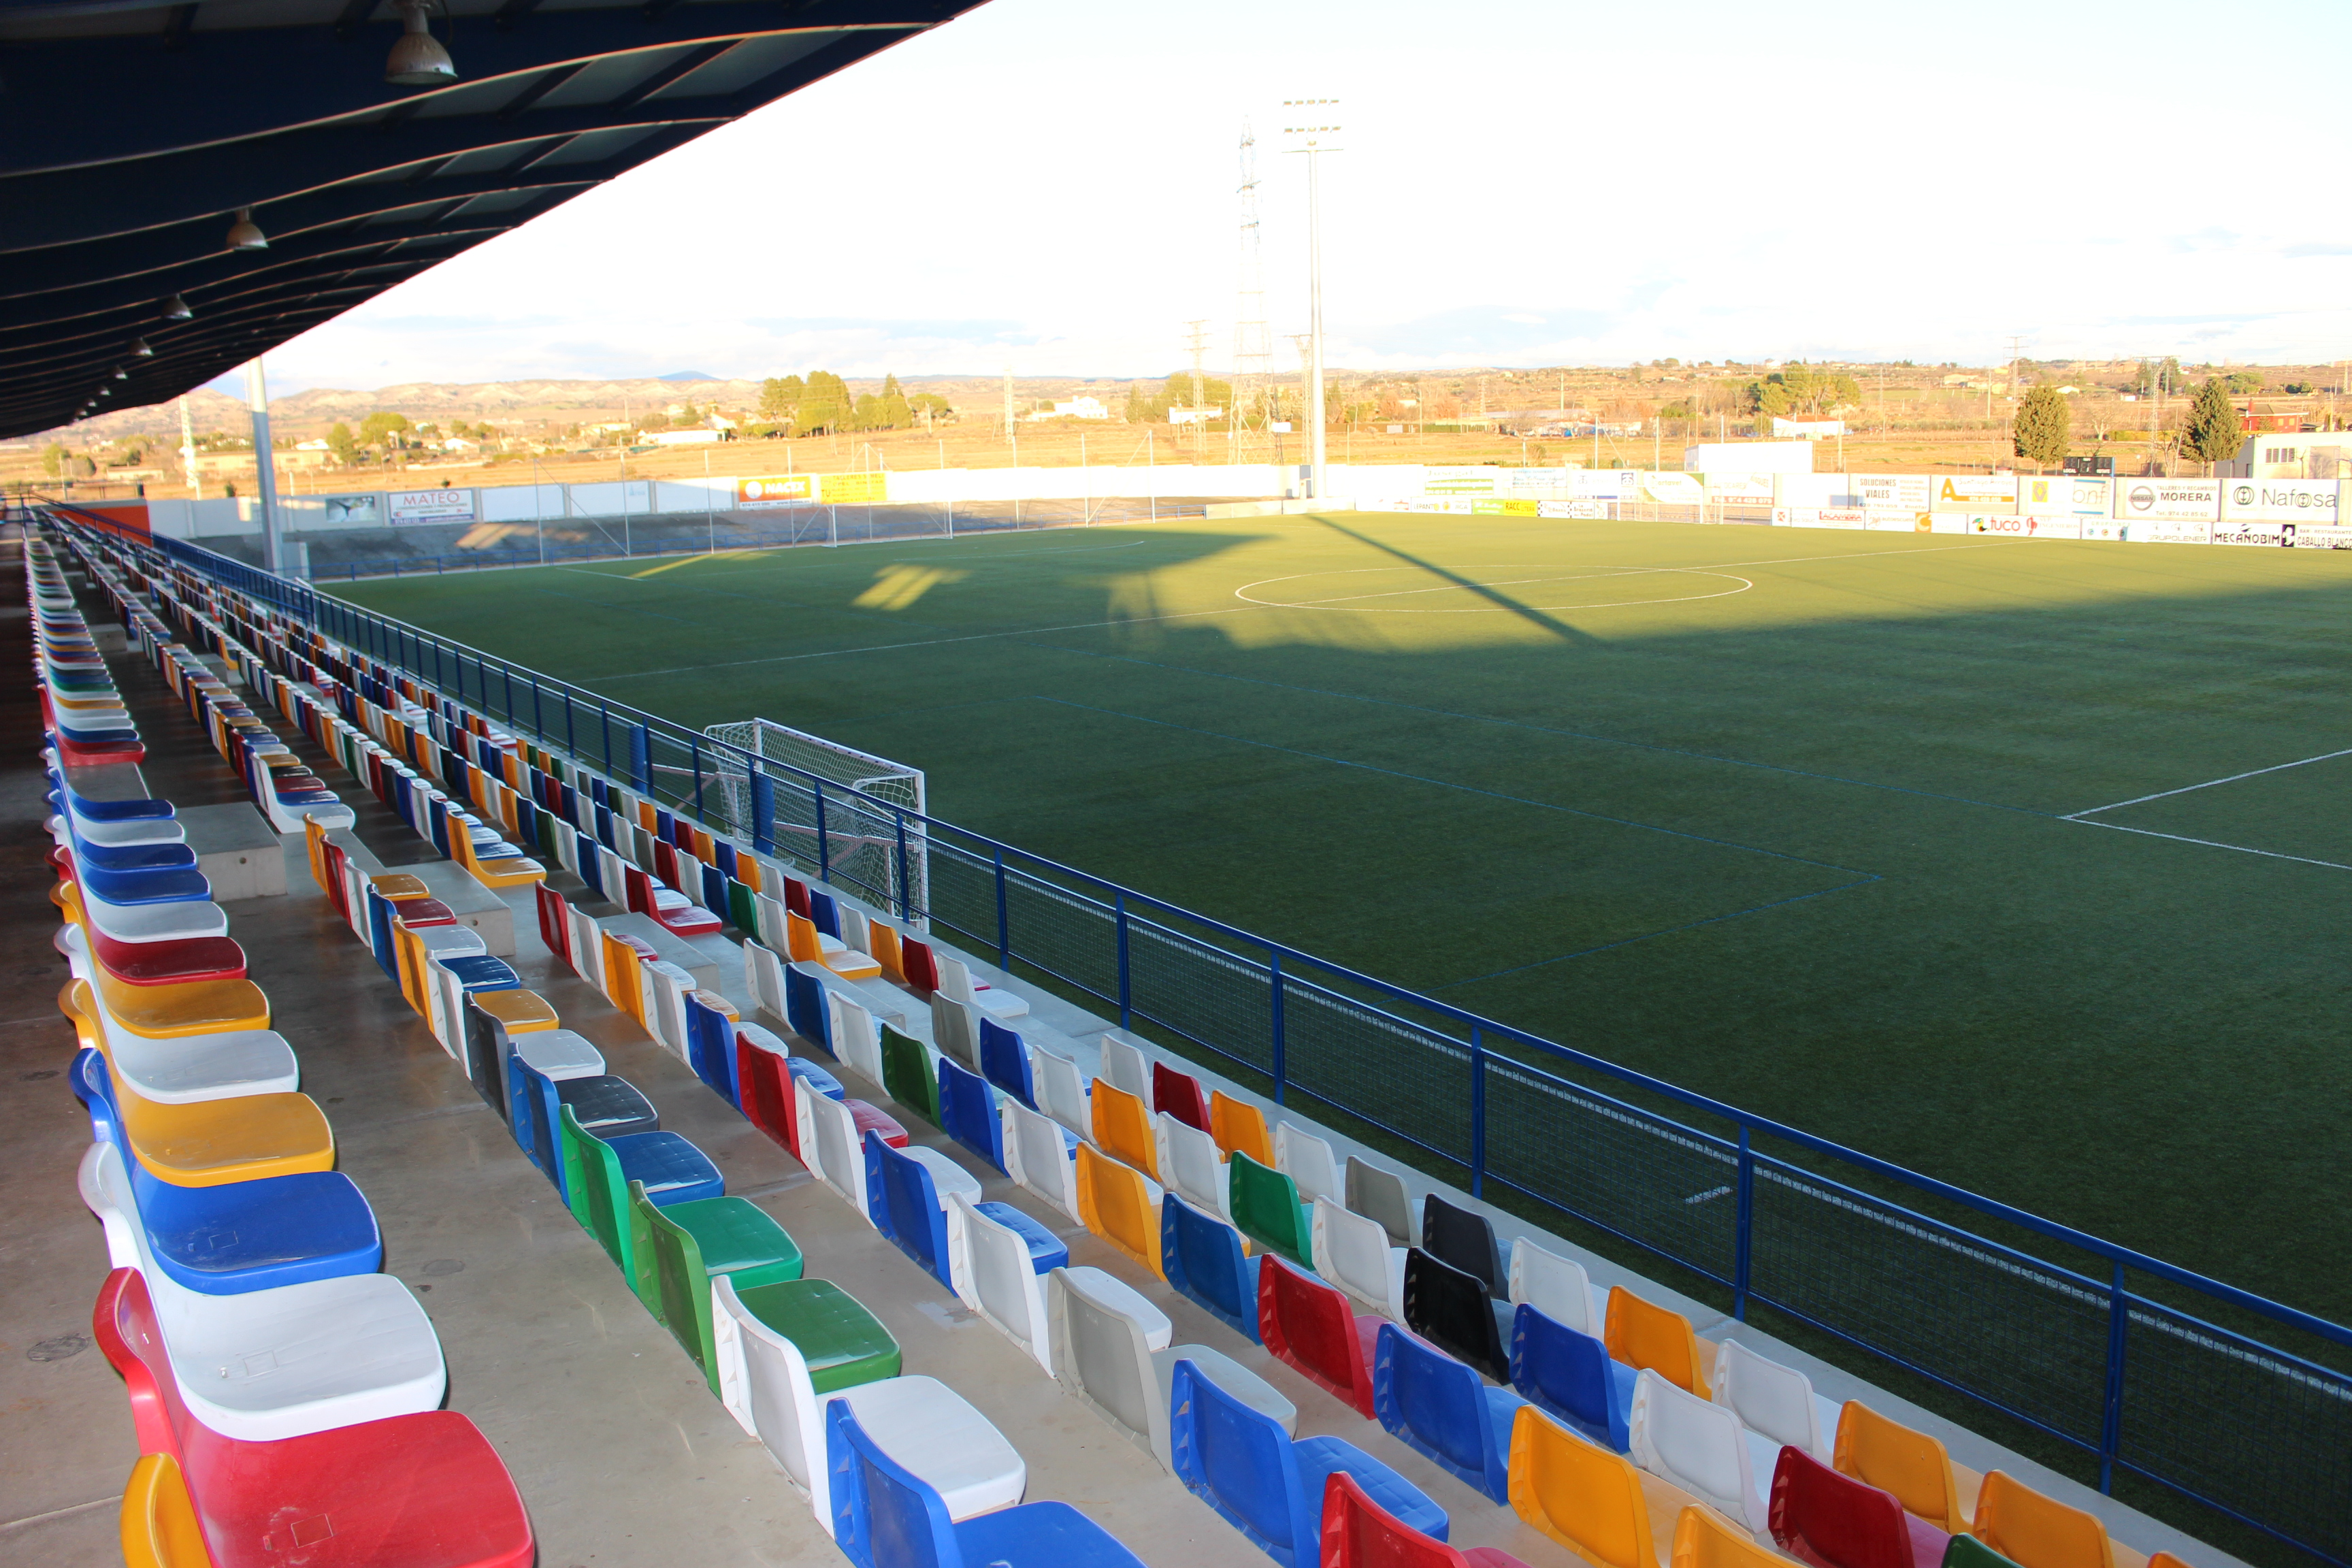 Instalaciones campo de fútbol.